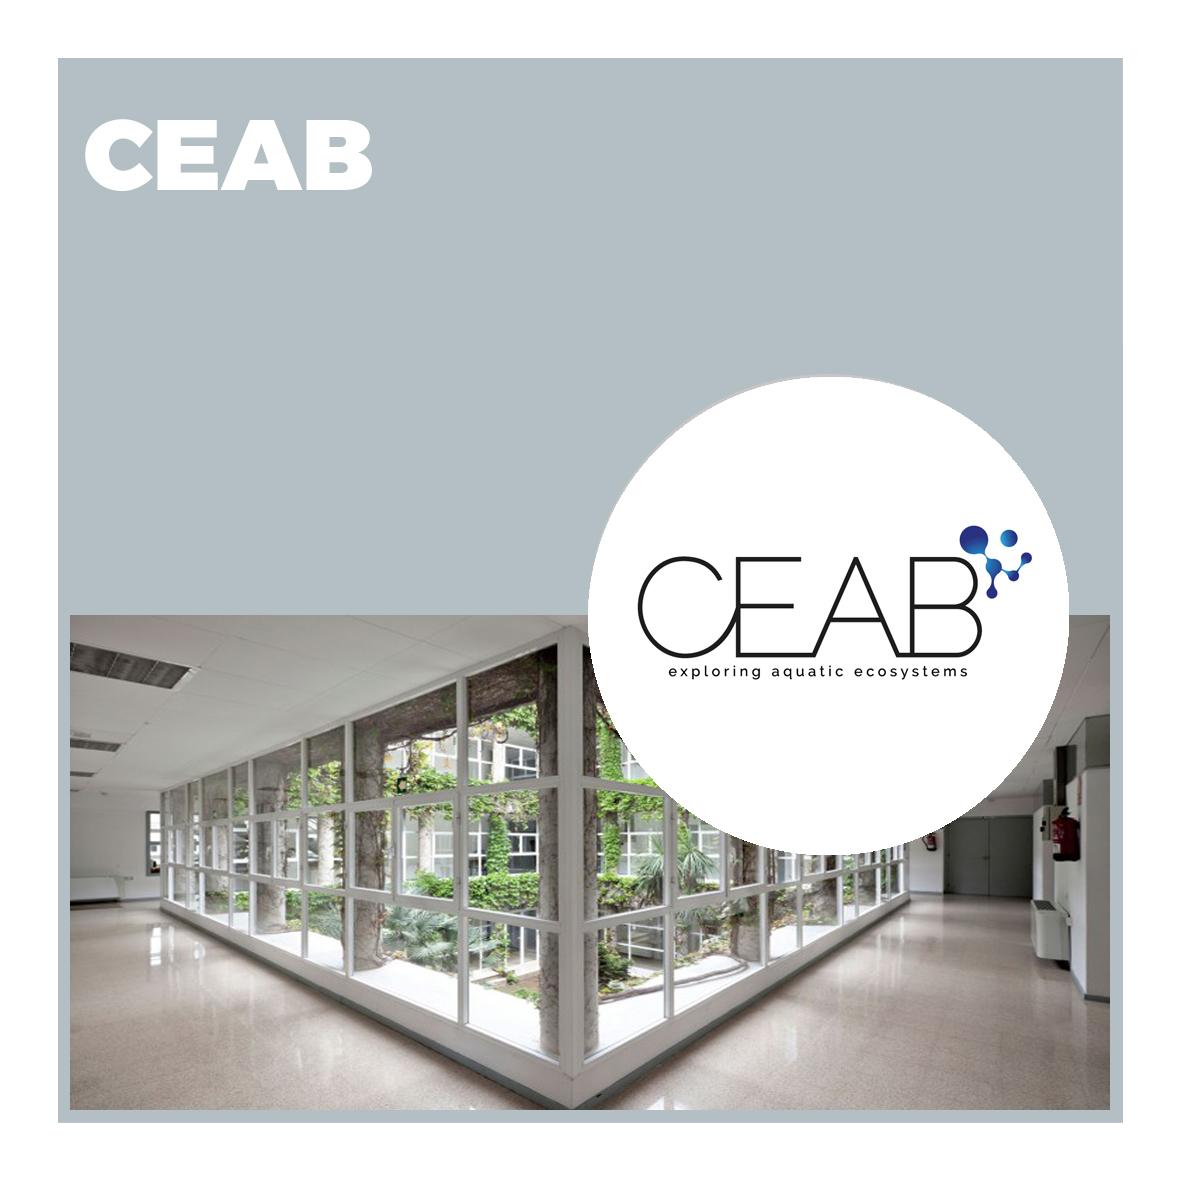 Centro de Estudios Avanzados de Blanes (CEAB)